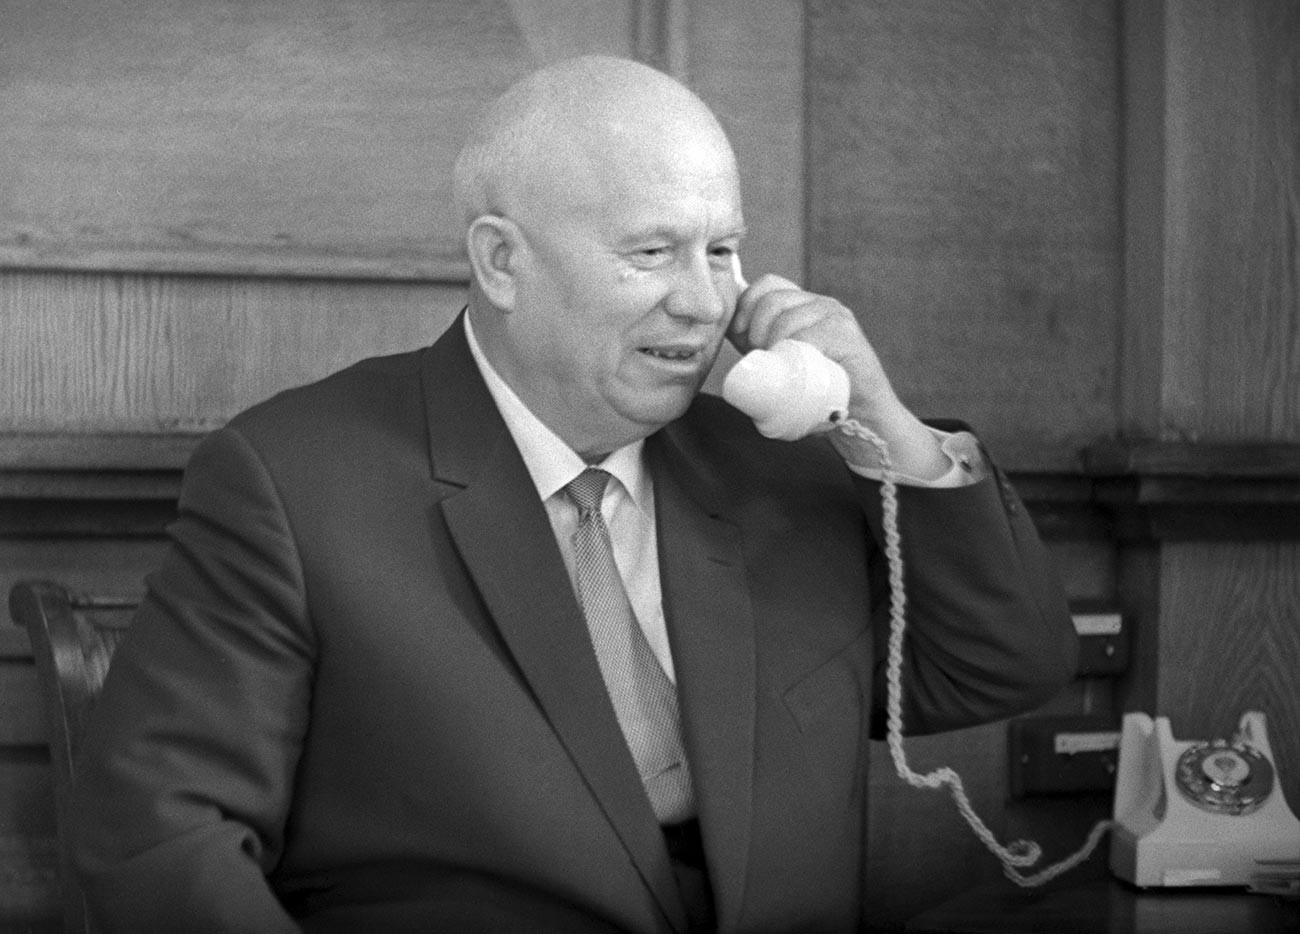 Москва, Кремљ. Првиот секретар на Централниот комитет на КПСС, Никита Хрушчов во неговиот работен кабинет